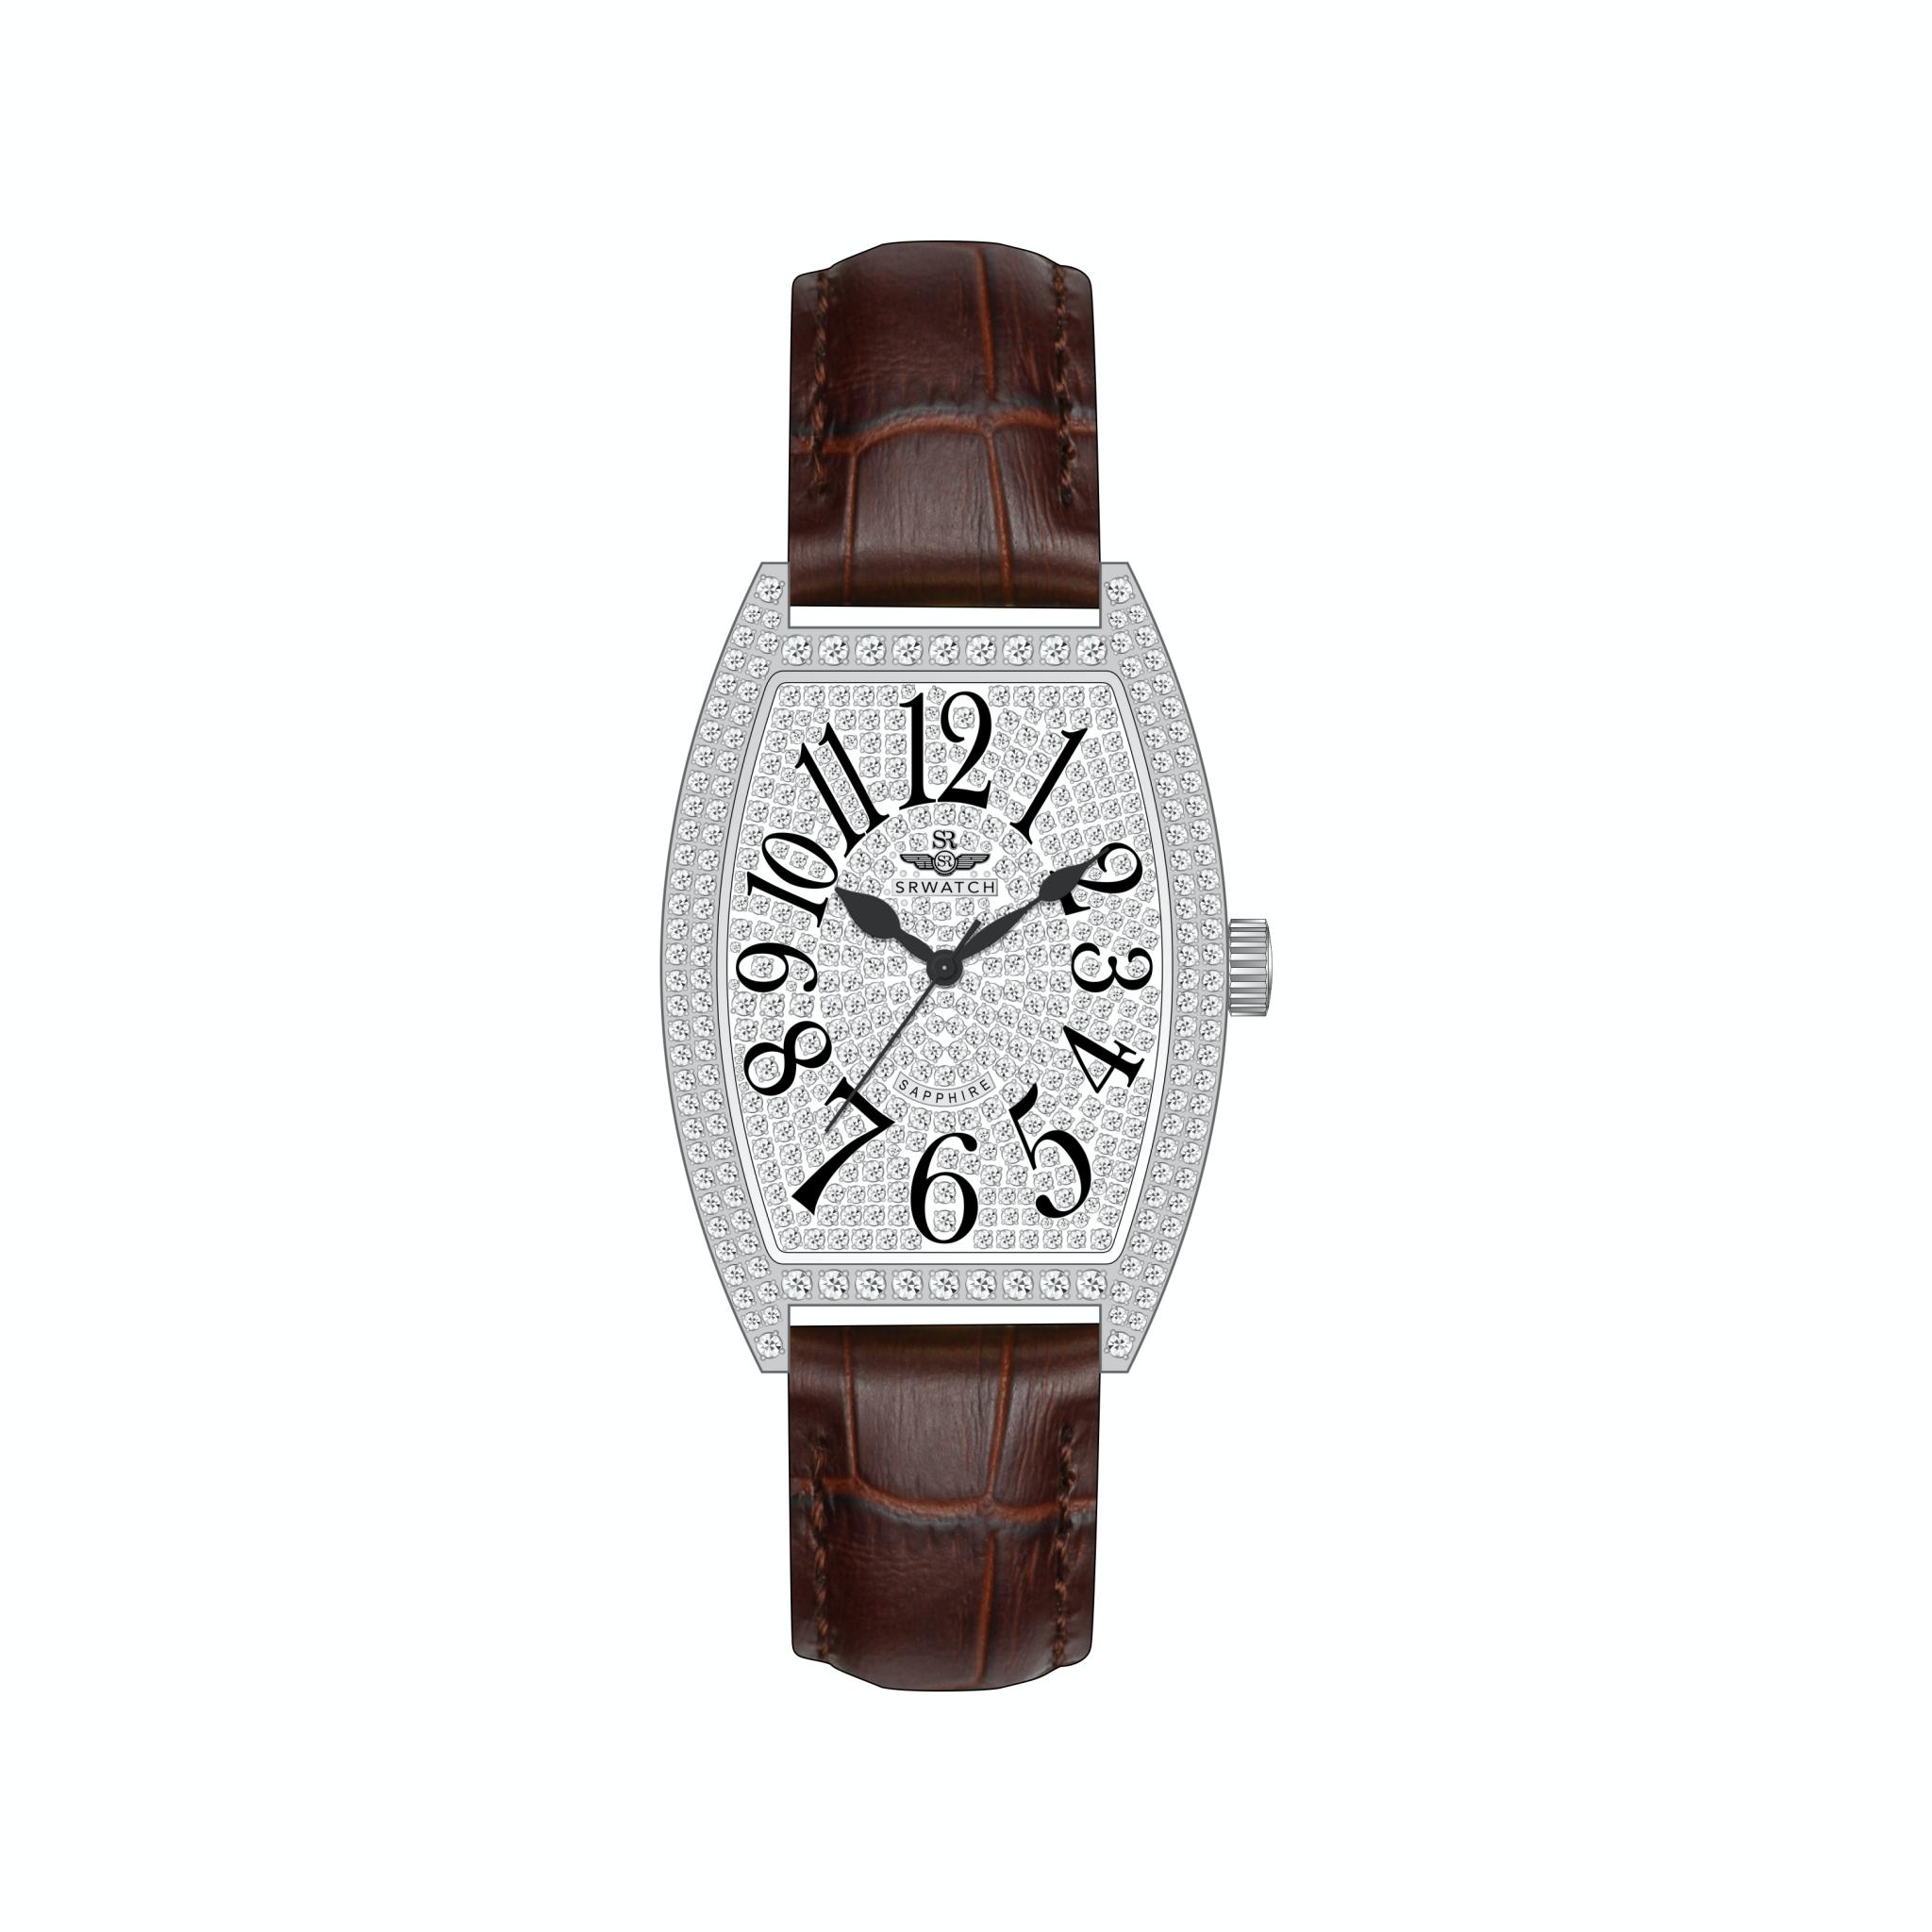 Đồng hồ Nữ SRWatch SL5001.4402BL - Dây da - Thời trang - Đính đá